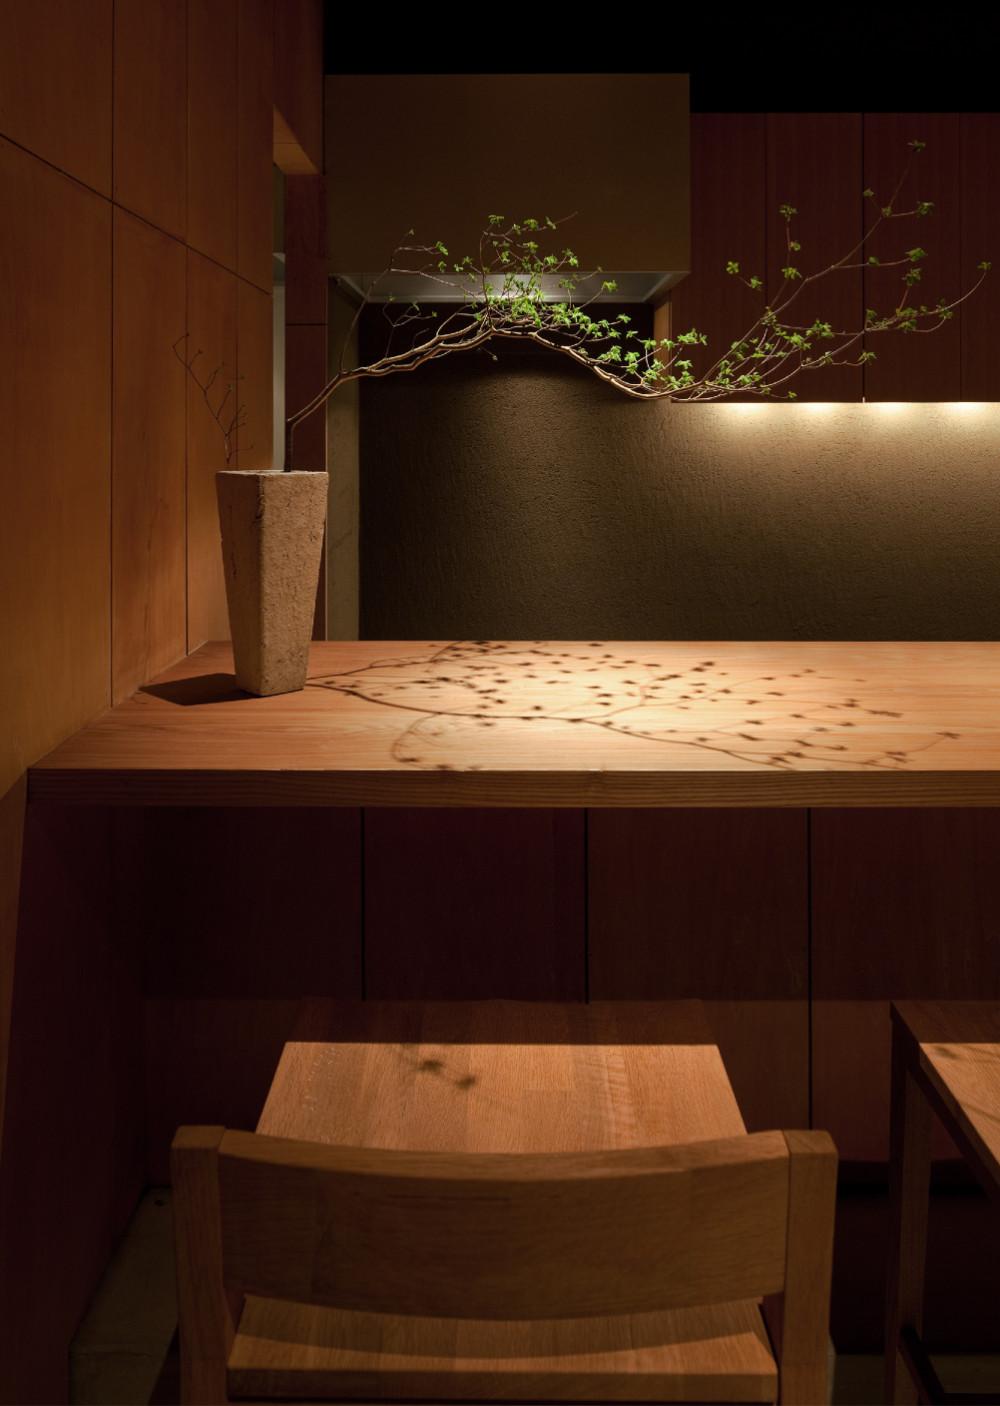 日本设计的餐饮,设计和灯光超级棒(一)_010.jpg